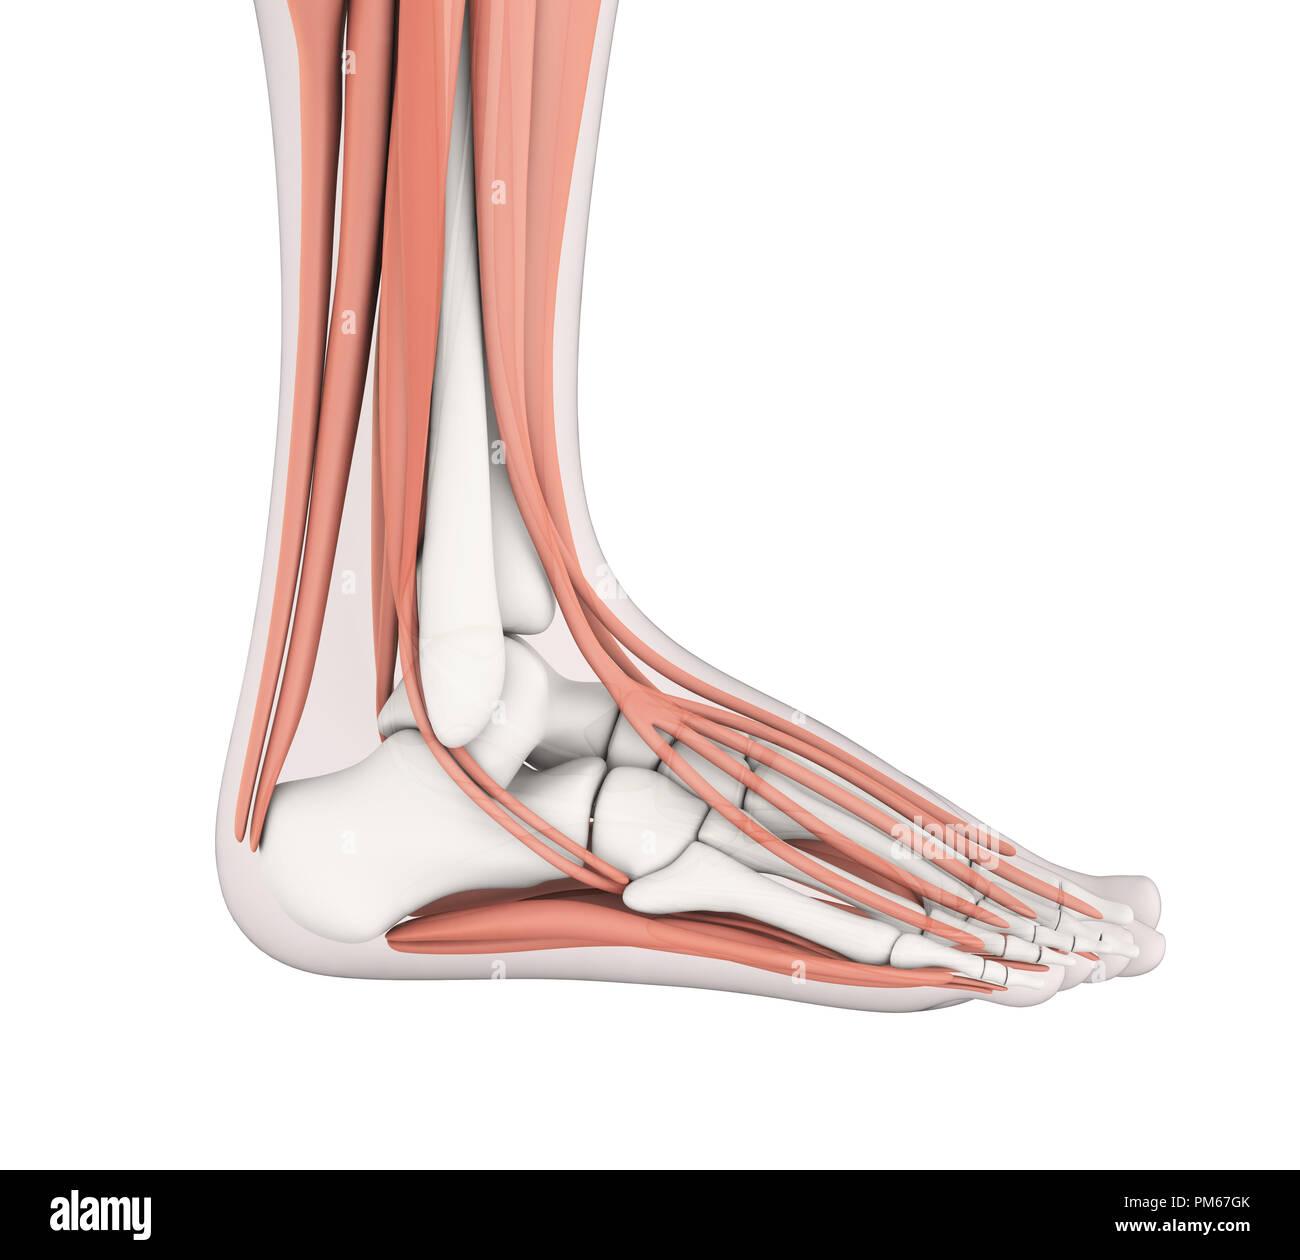 Los músculos del pie Anatomía Humana Imagen De Stock